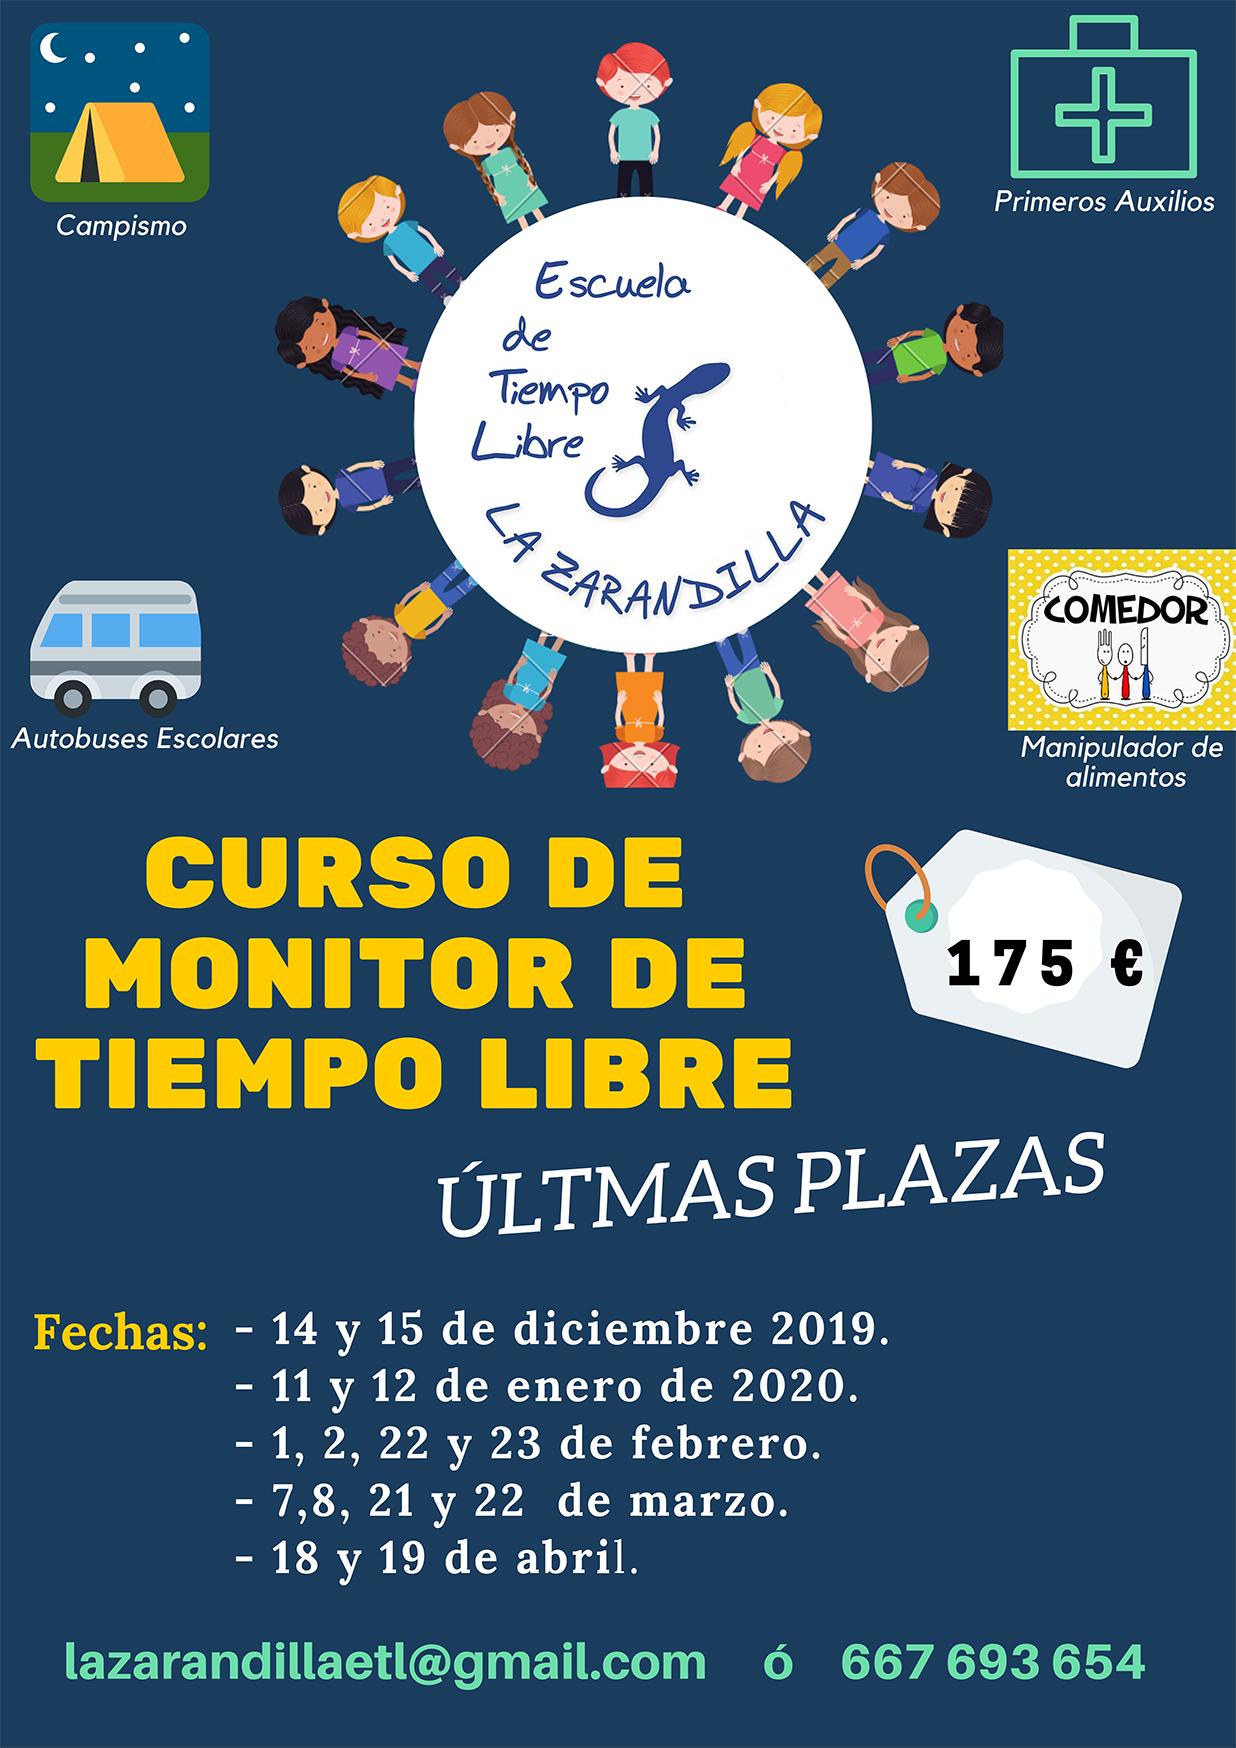 Curso de Monitor de Tiempo Libre, La Zarandilla, 2020 - Munébrega